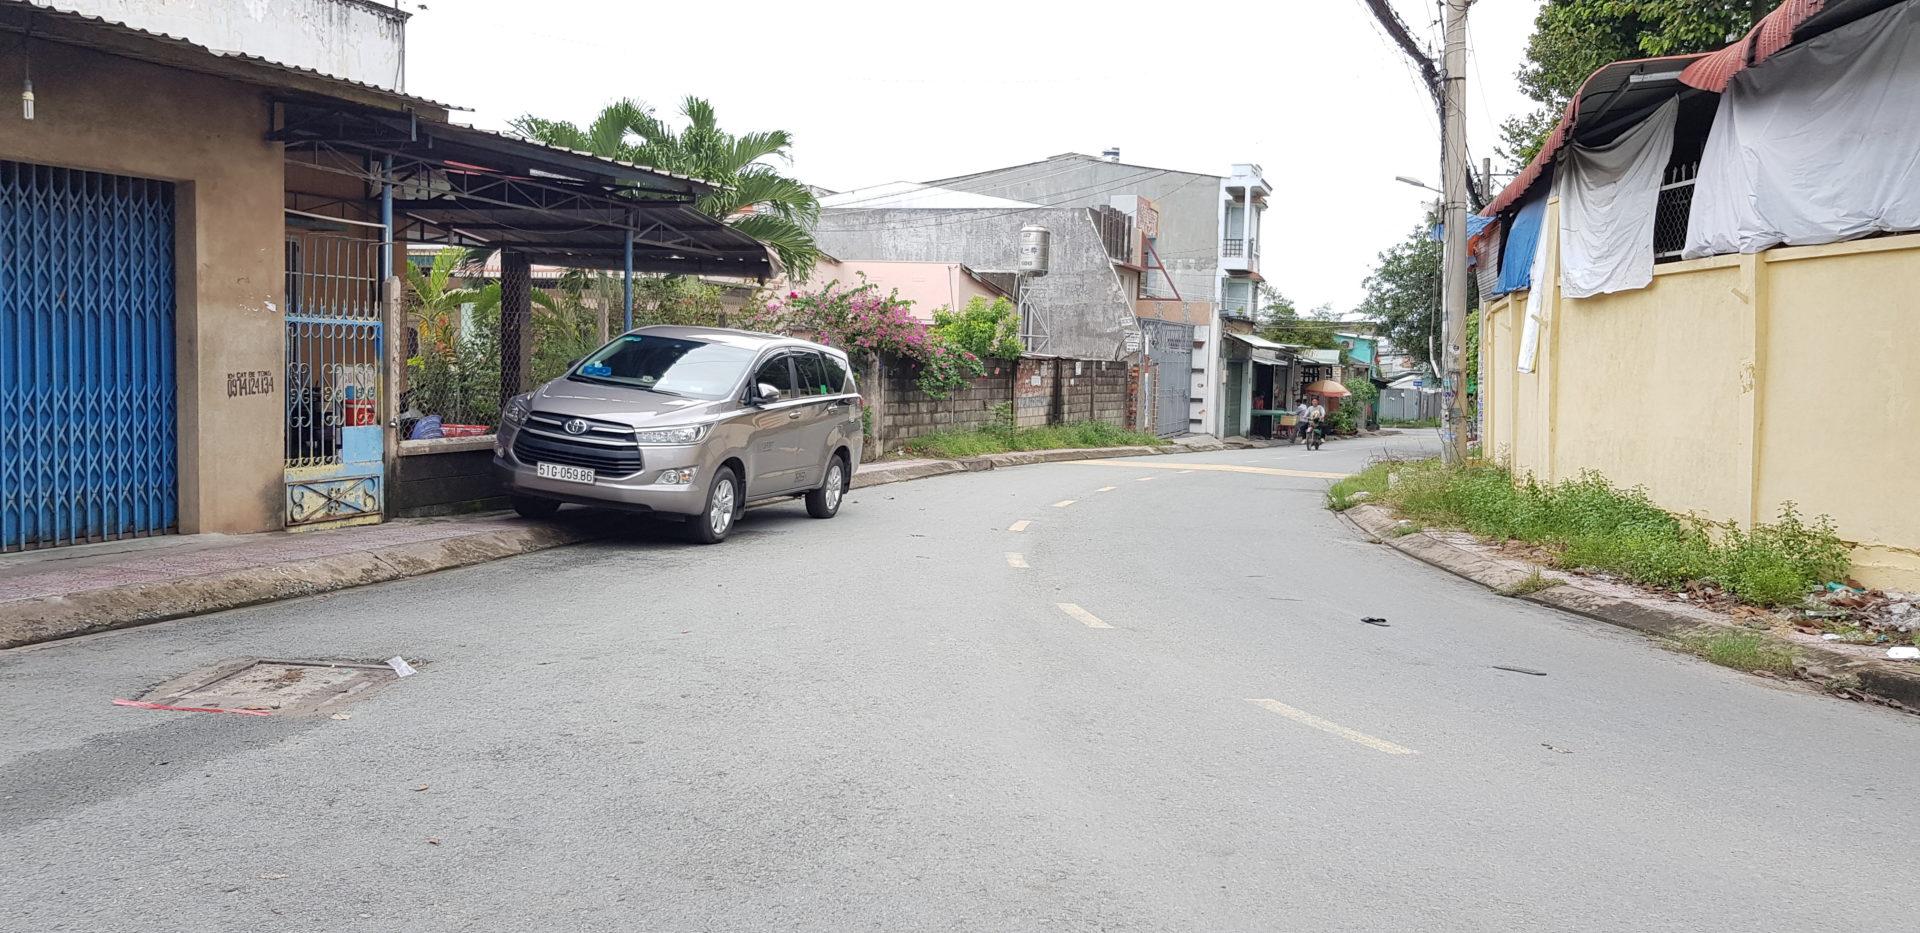 Đất Q9 Xây Trọ, DT 325m2 Chỉ 8.4 tỷ, Vị Trí Gần Lê Văn Việt, Ngay Trung Tâm Quận 9